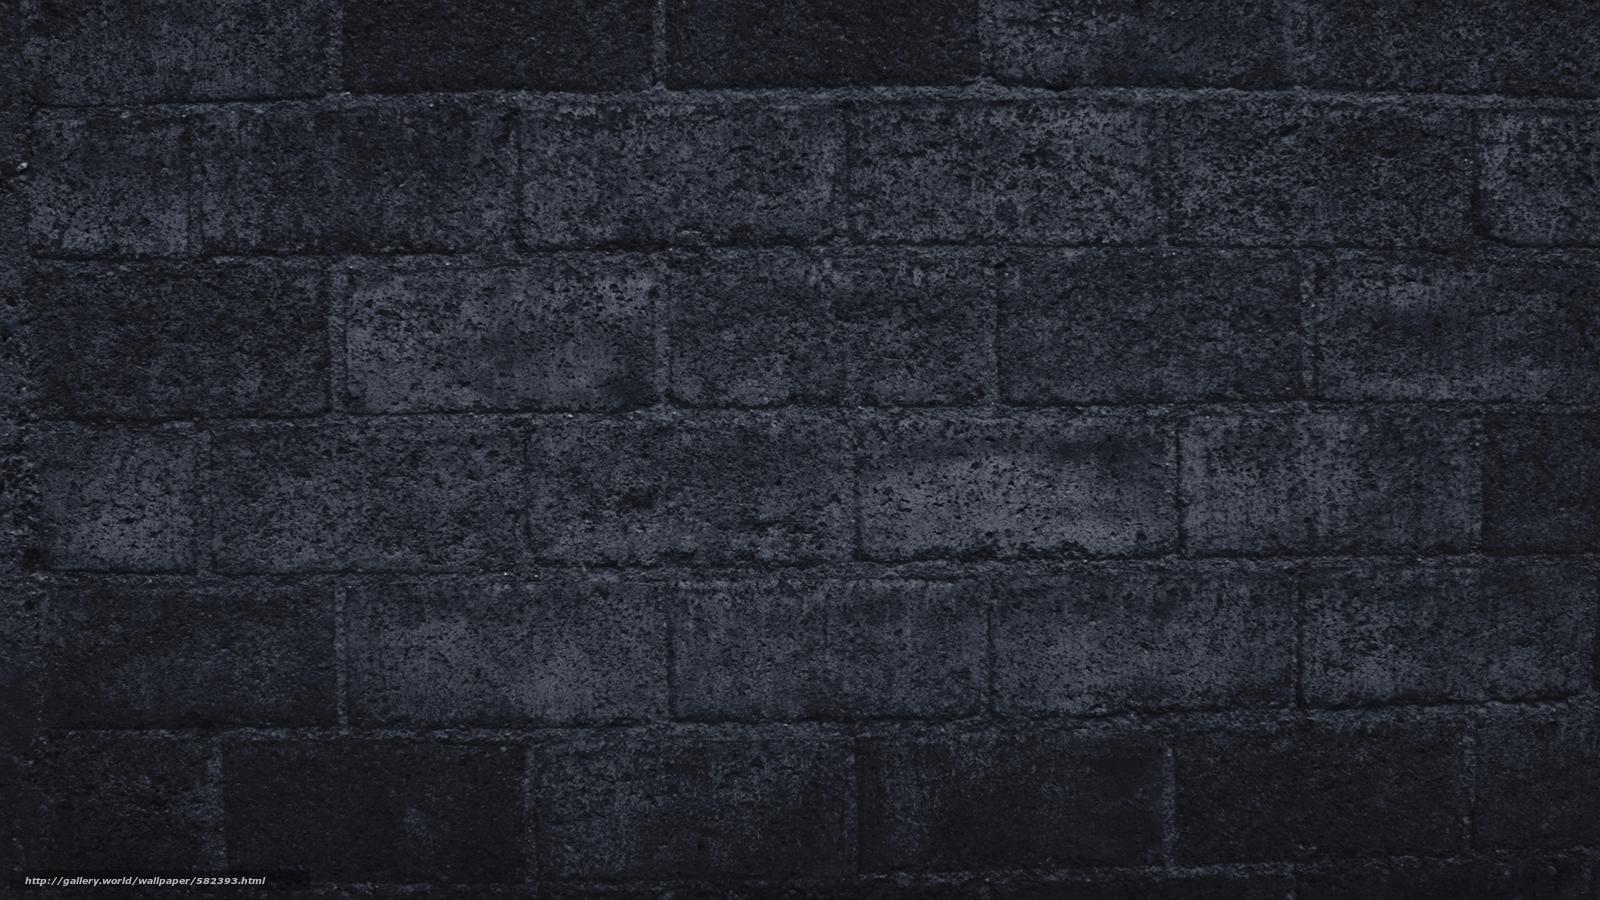 Tlcharger Fond d'ecran Fonds d'écran, mur, TEXTURE, Blocs ...